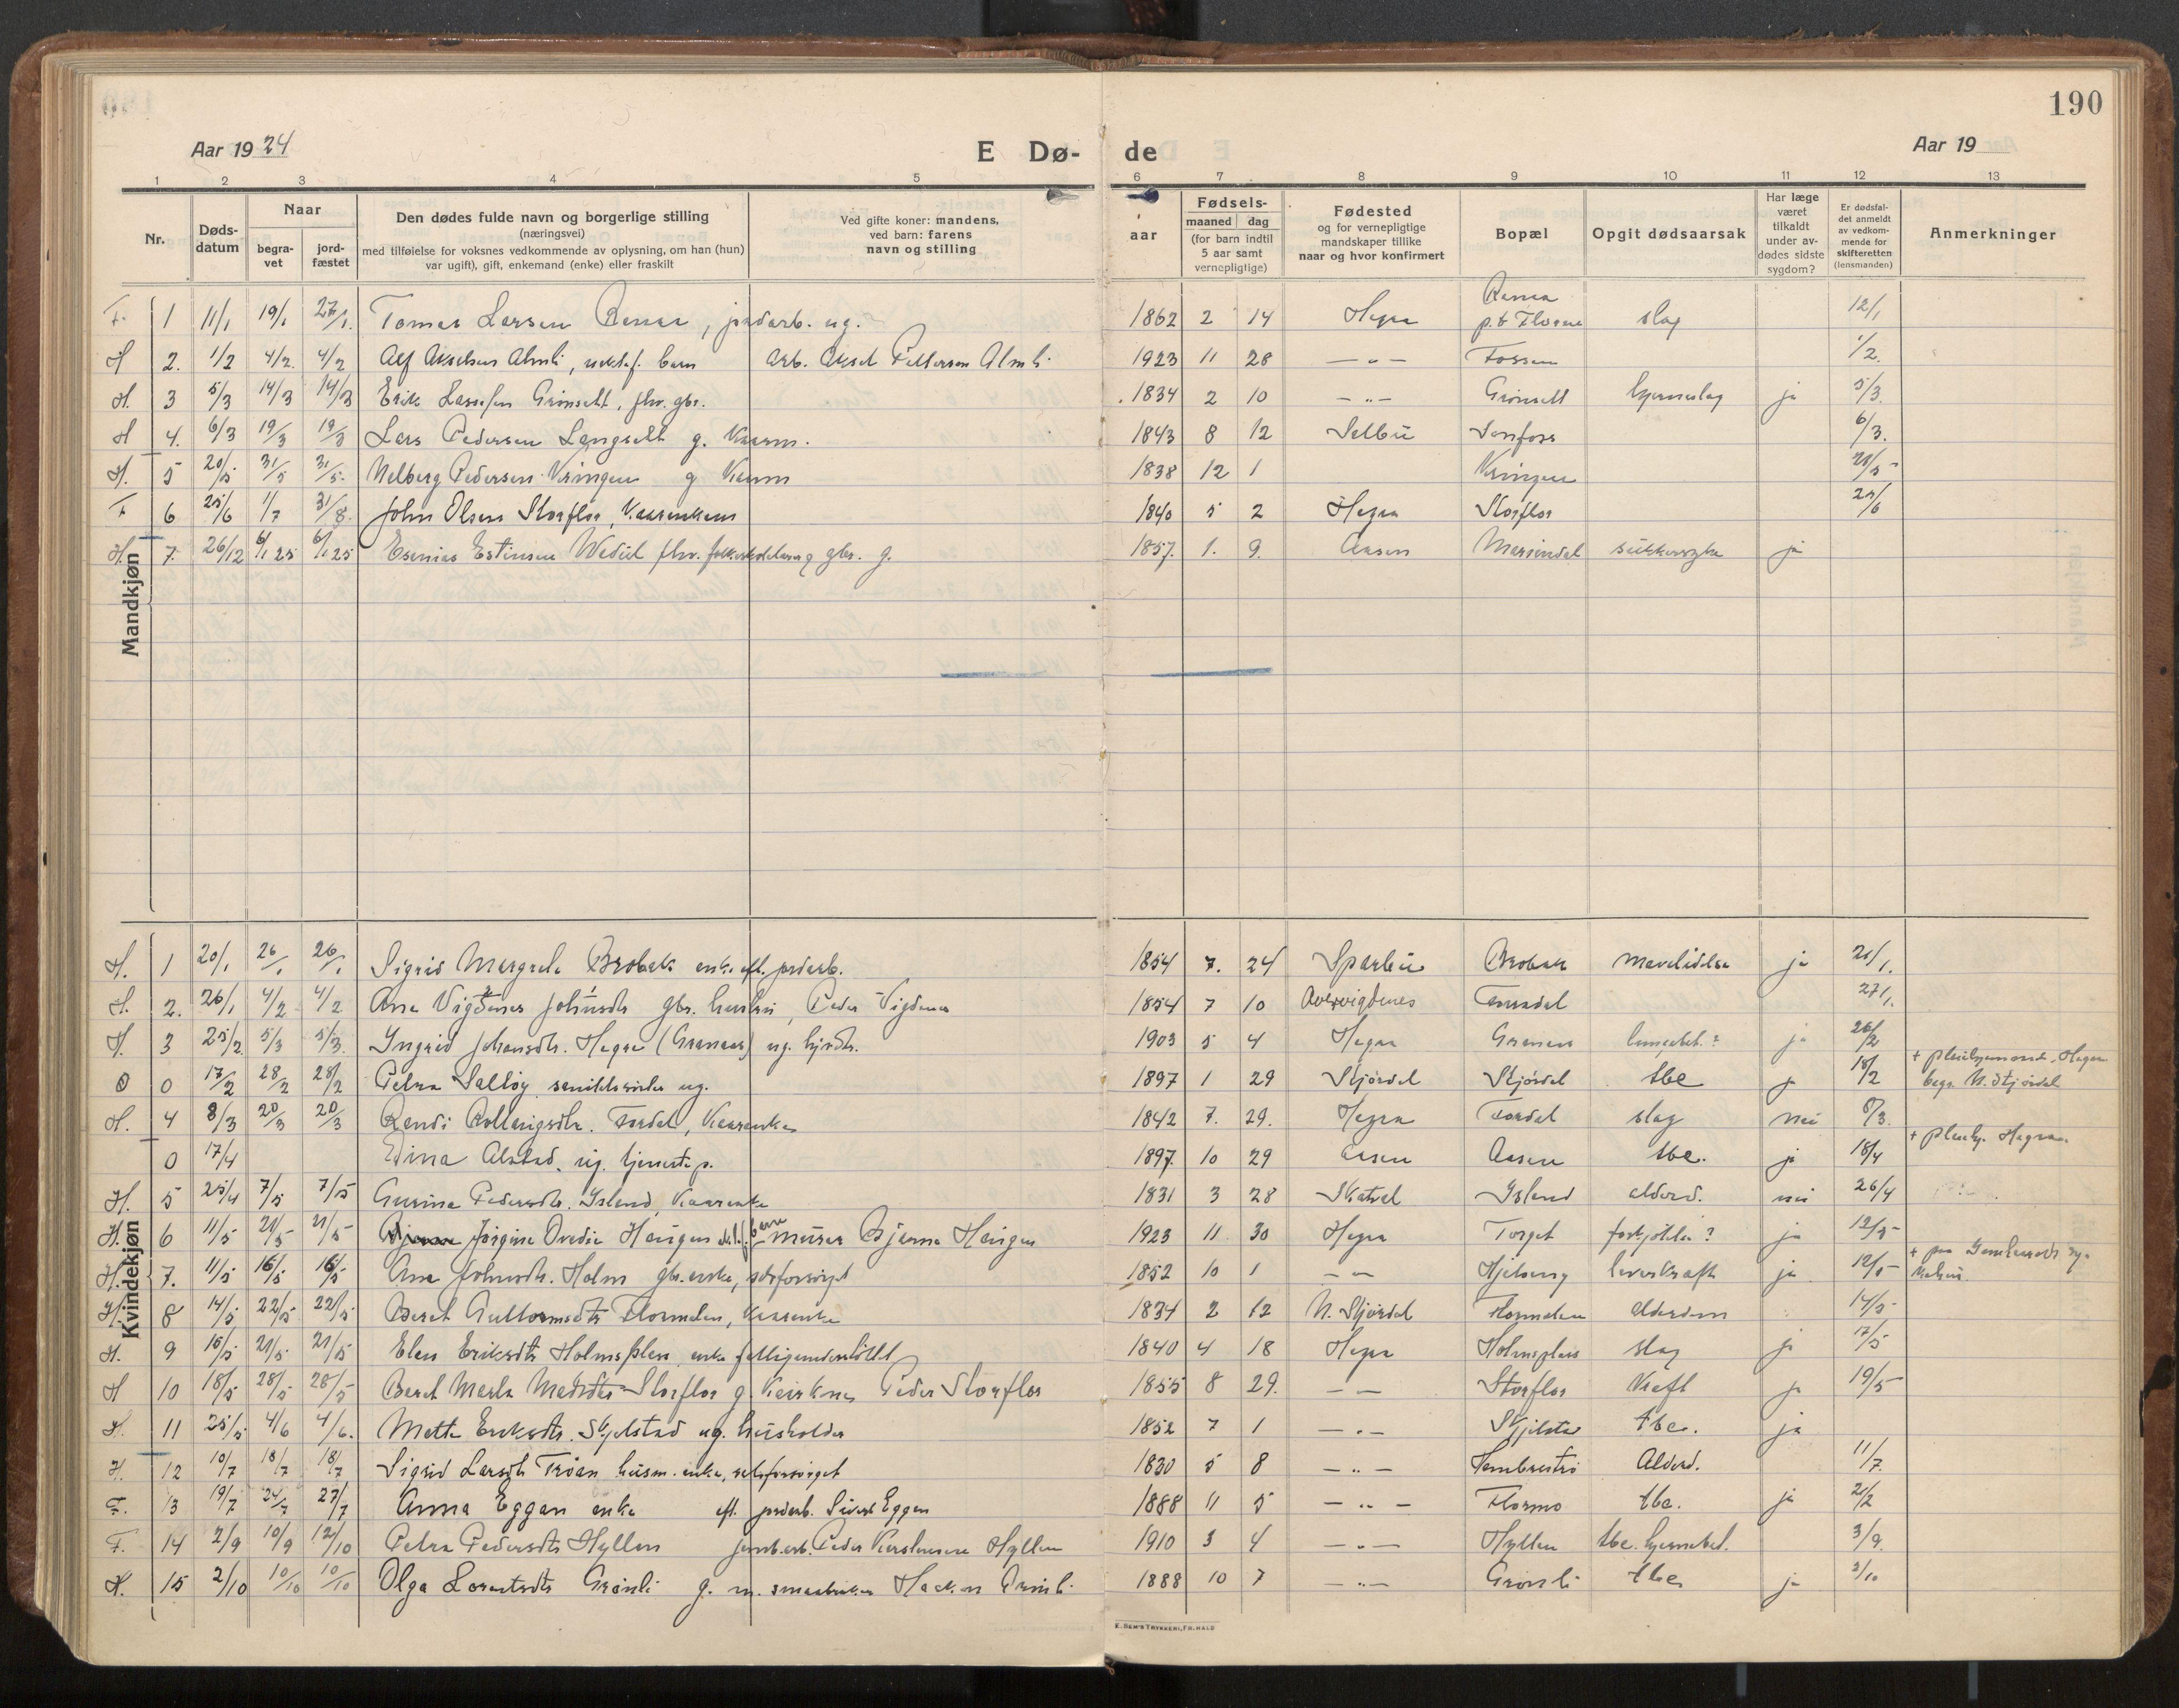 SAT, Ministerialprotokoller, klokkerbøker og fødselsregistre - Nord-Trøndelag, 703/L0037: Parish register (official) no. 703A10, 1915-1932, p. 190